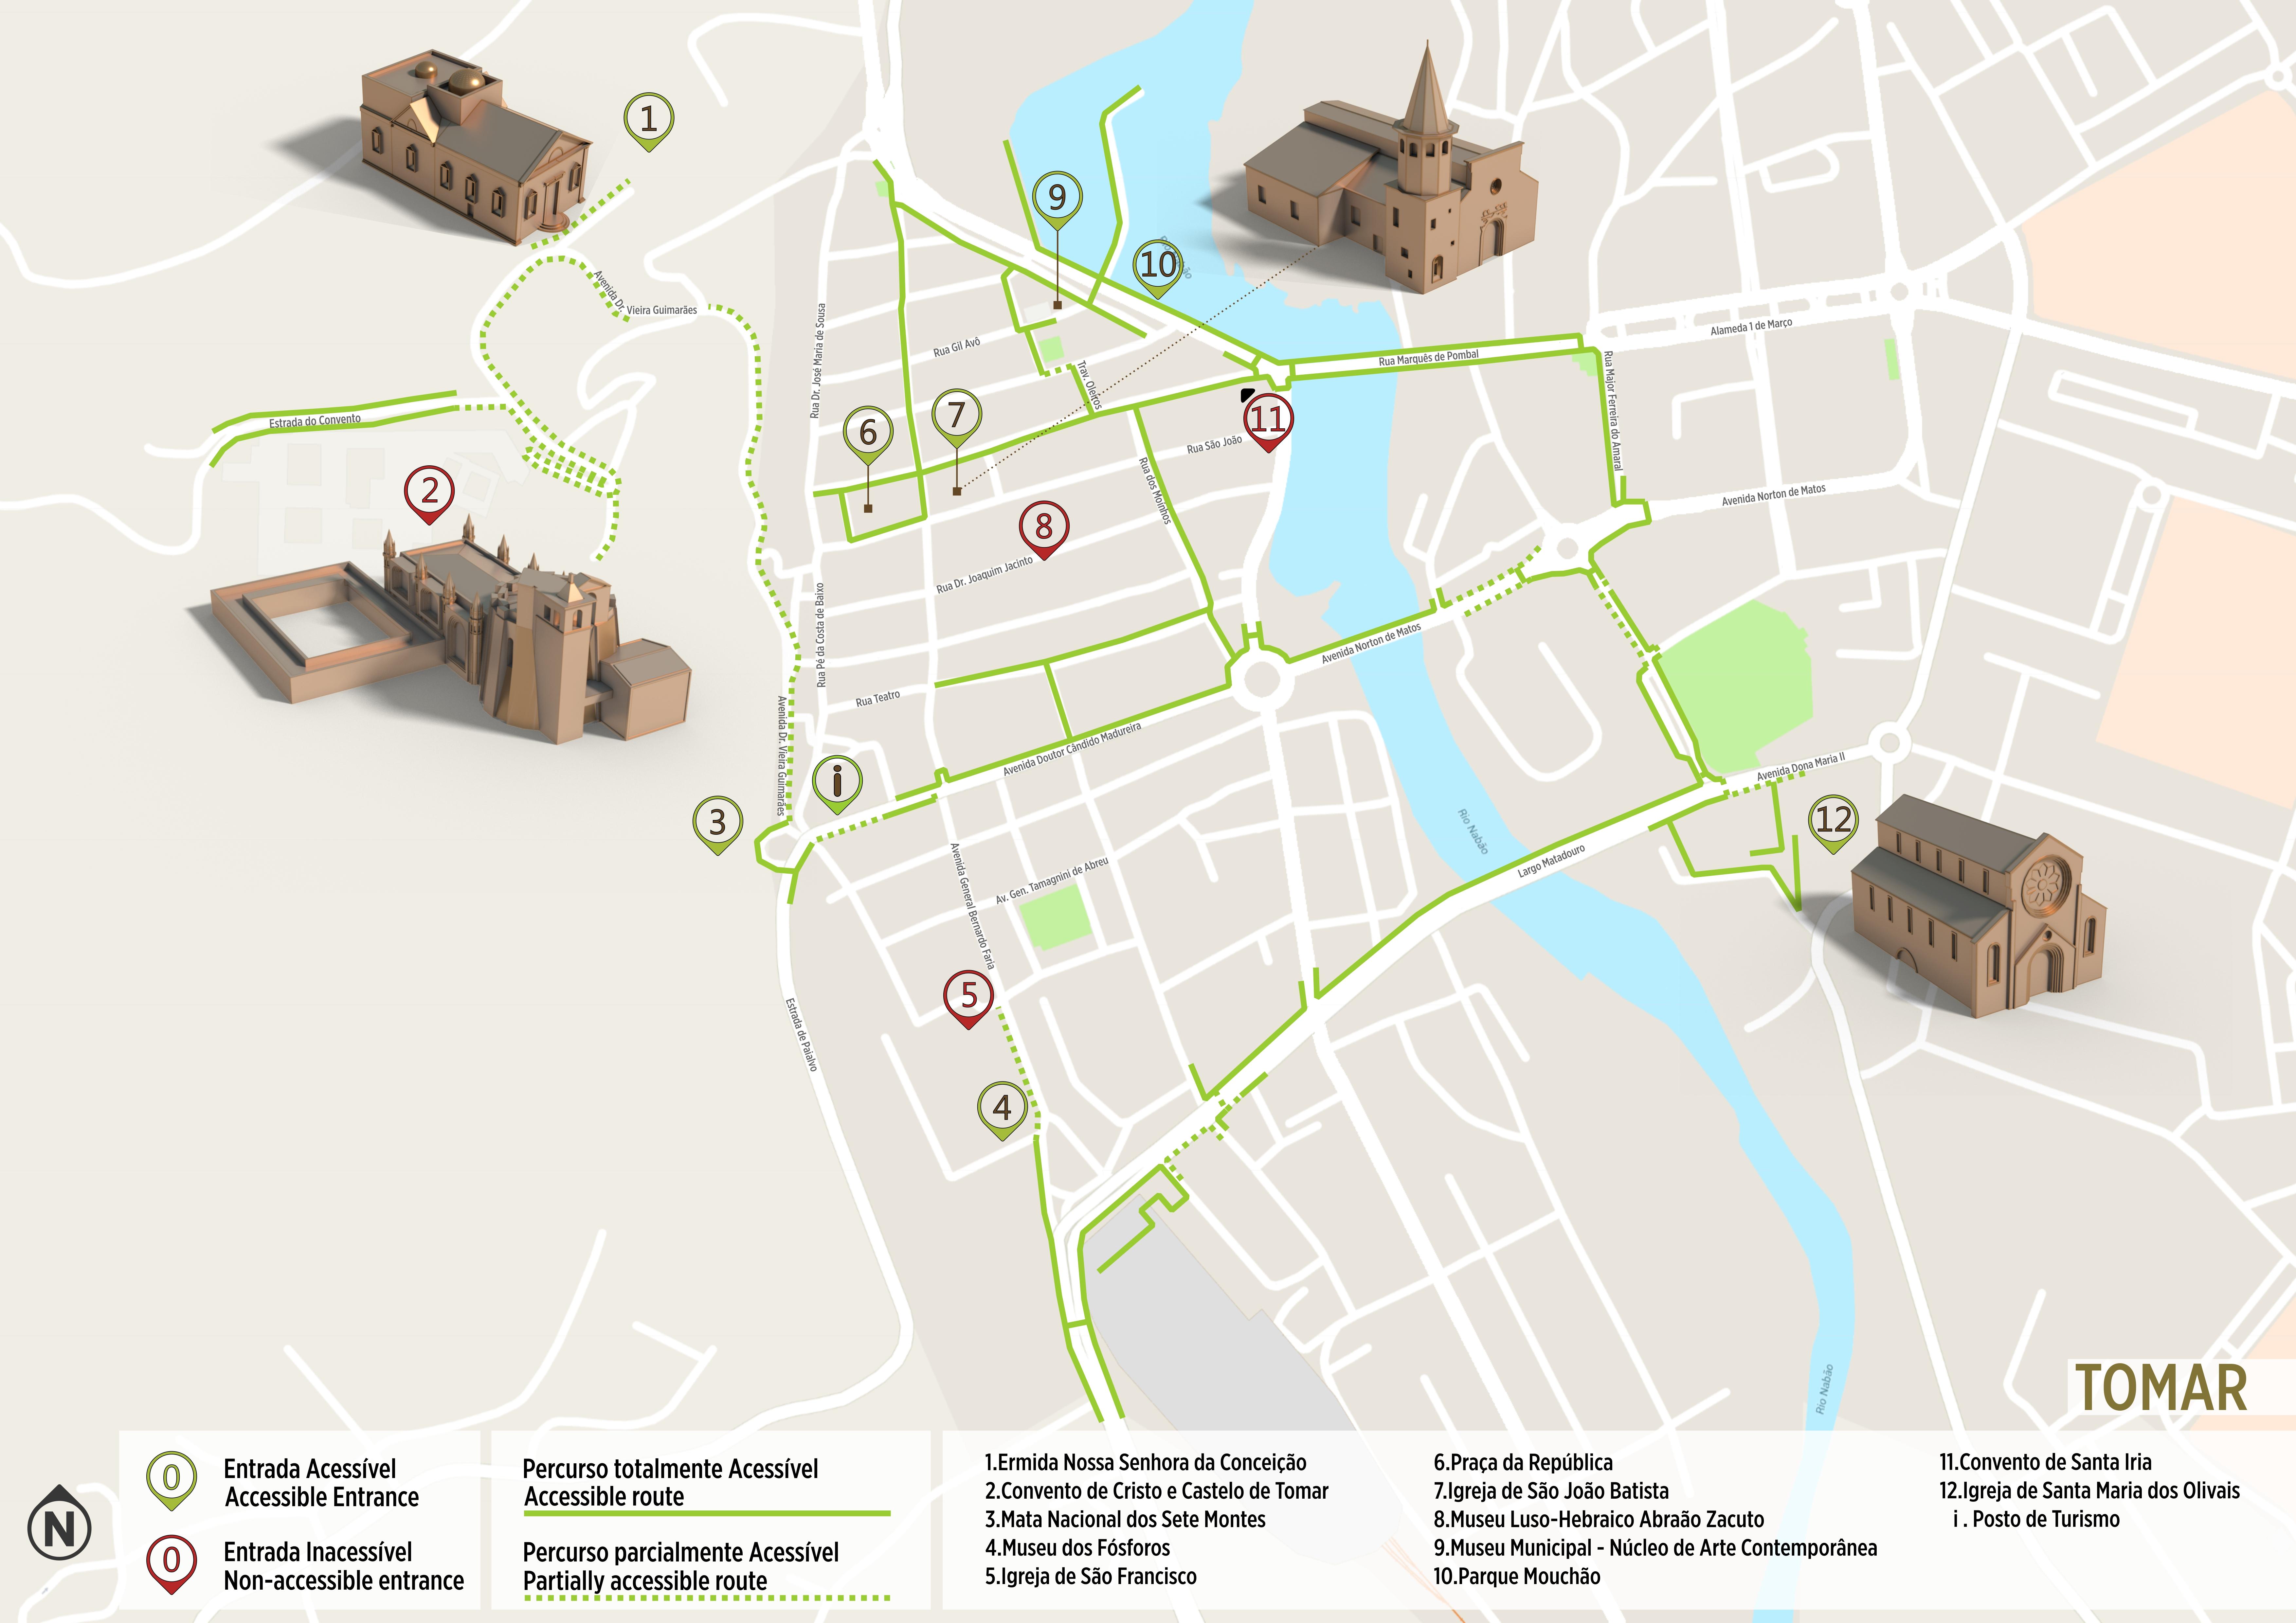 rua da conceição lisboa mapa Tomar   Accessible Tour | .visitportugal.com rua da conceição lisboa mapa